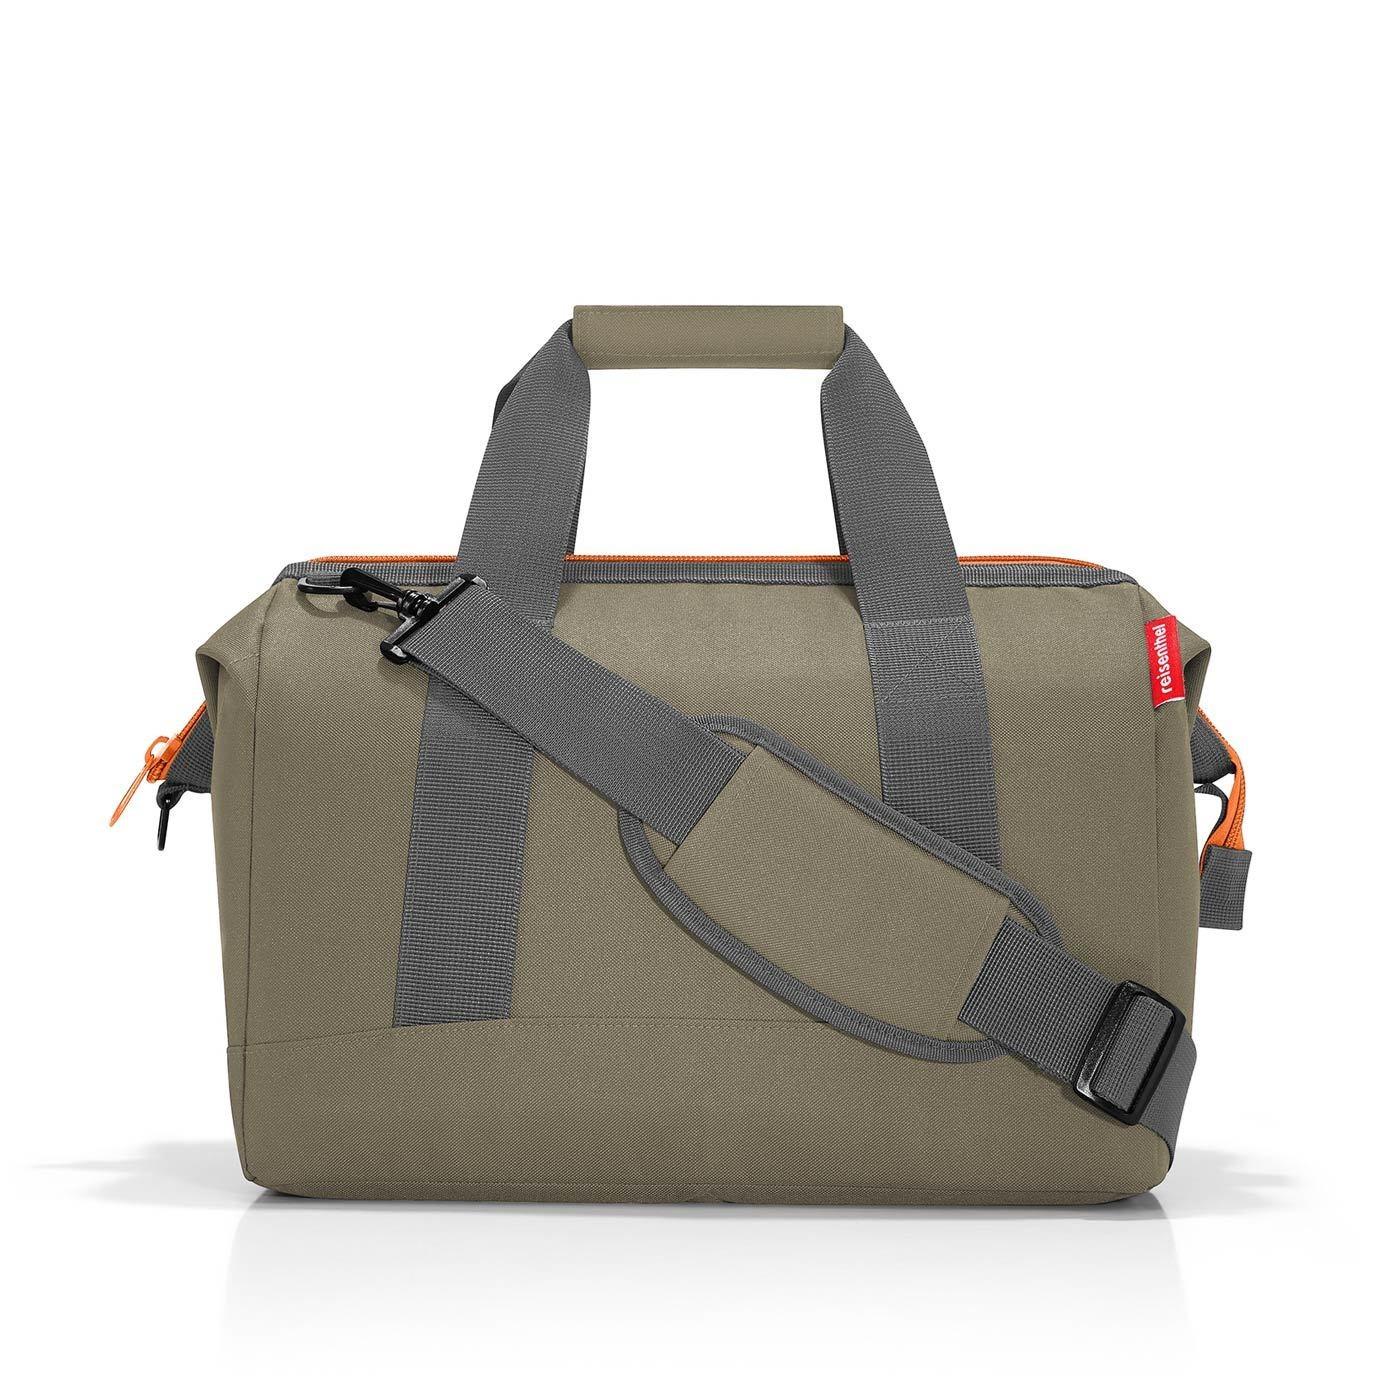 Cestovní taška Allrounder M olive green_1